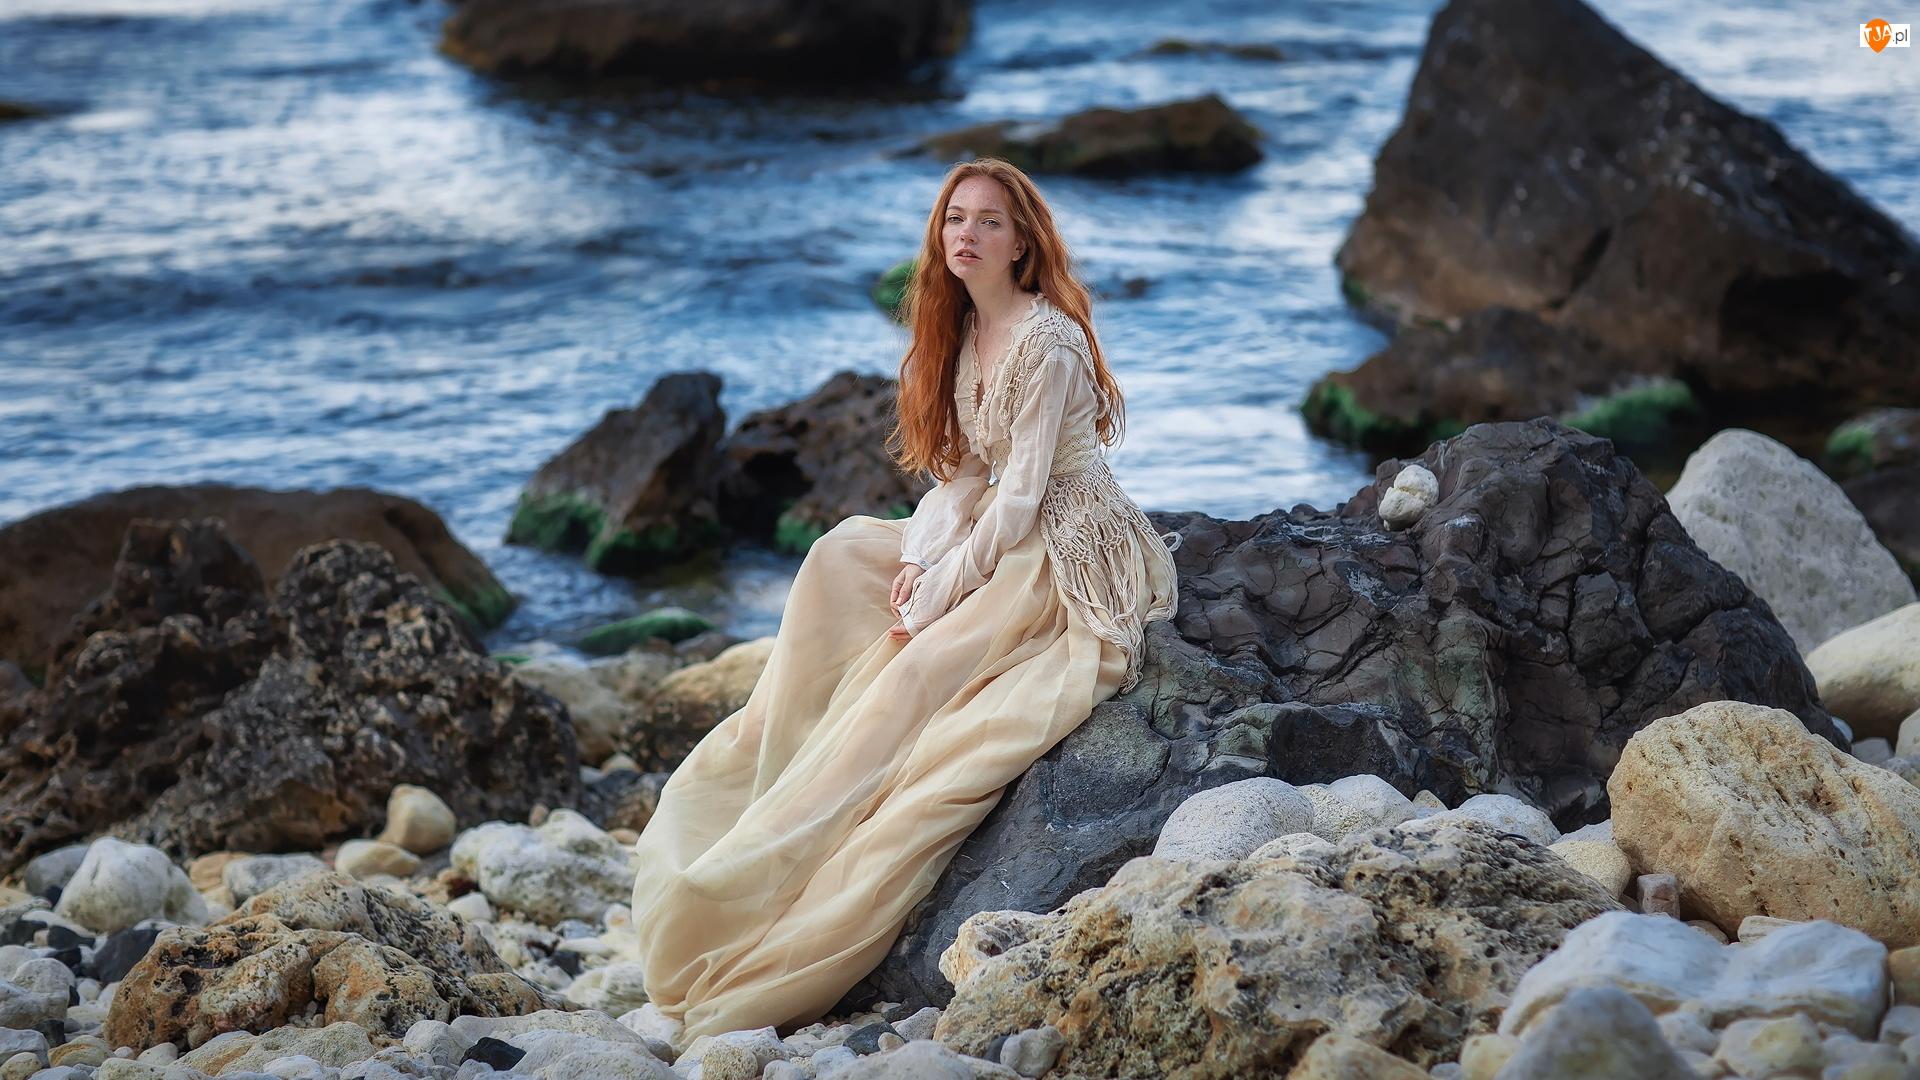 Kobieta, Beżowa, Morze, Rudowłosa, Kamienie, Skały, Sukienka